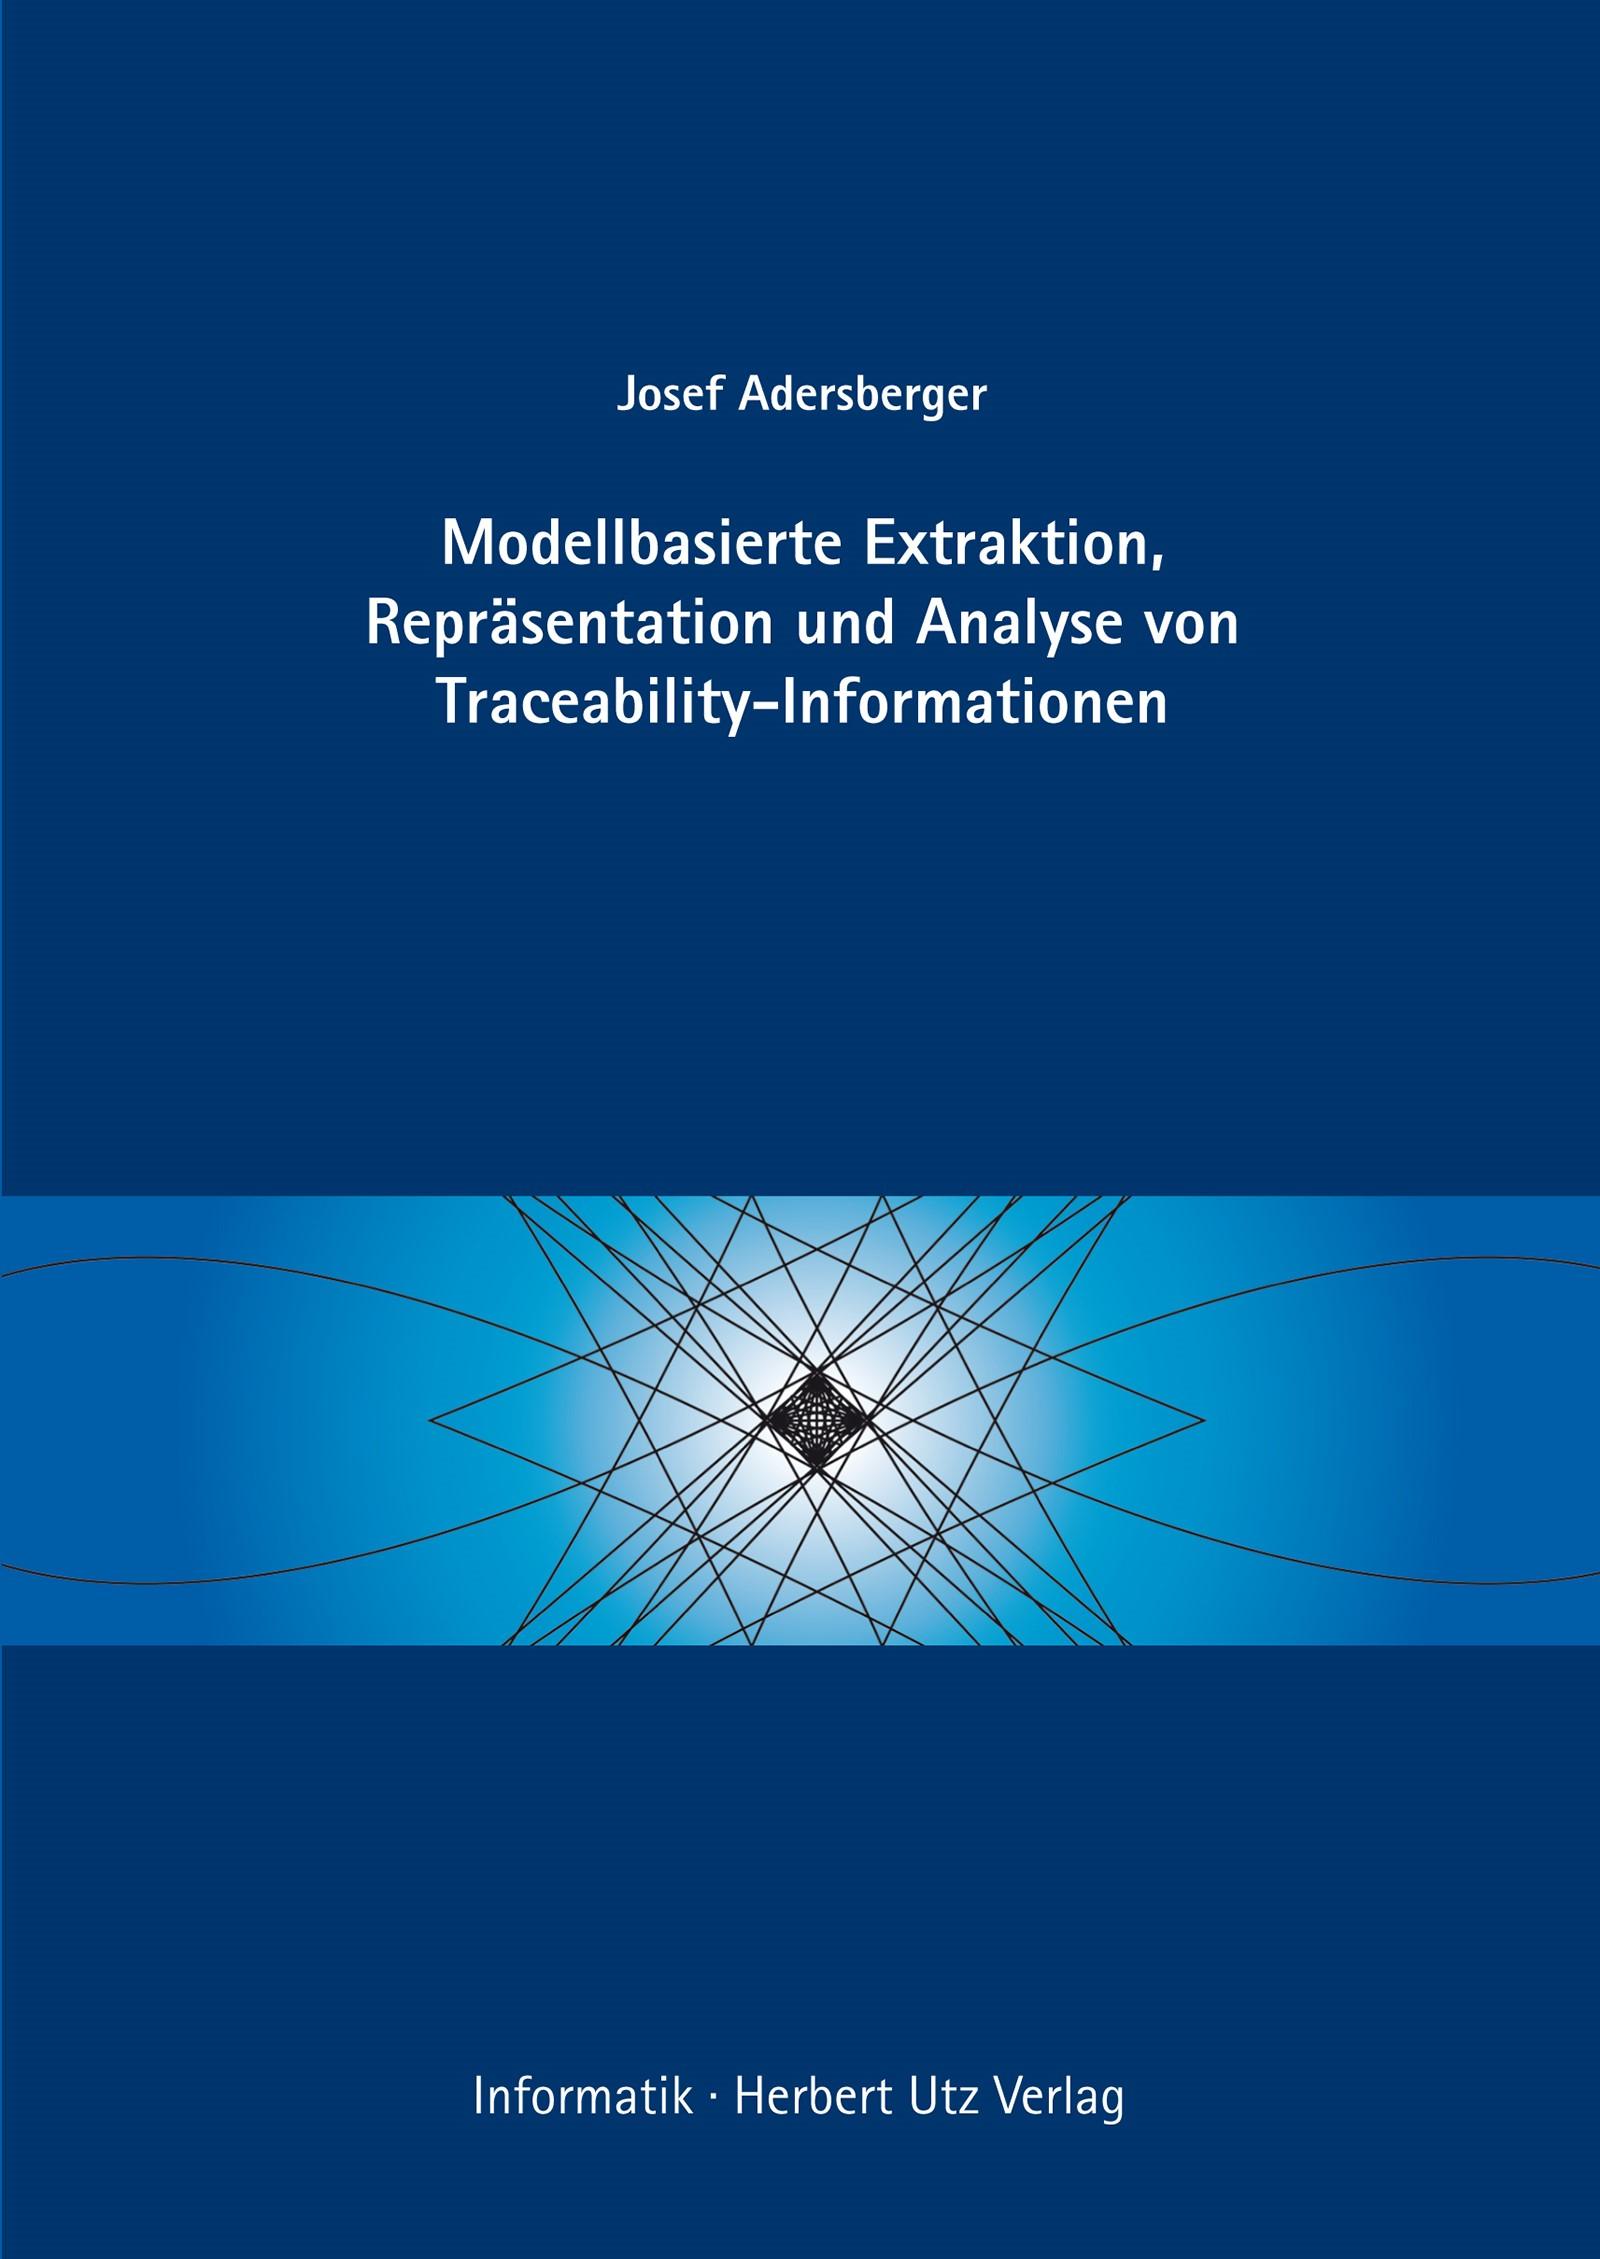 Modellbasierte Extraktion, Repräsentation und Analyse von Traceability-Informationen | Adersberger, 2013 | Buch (Cover)